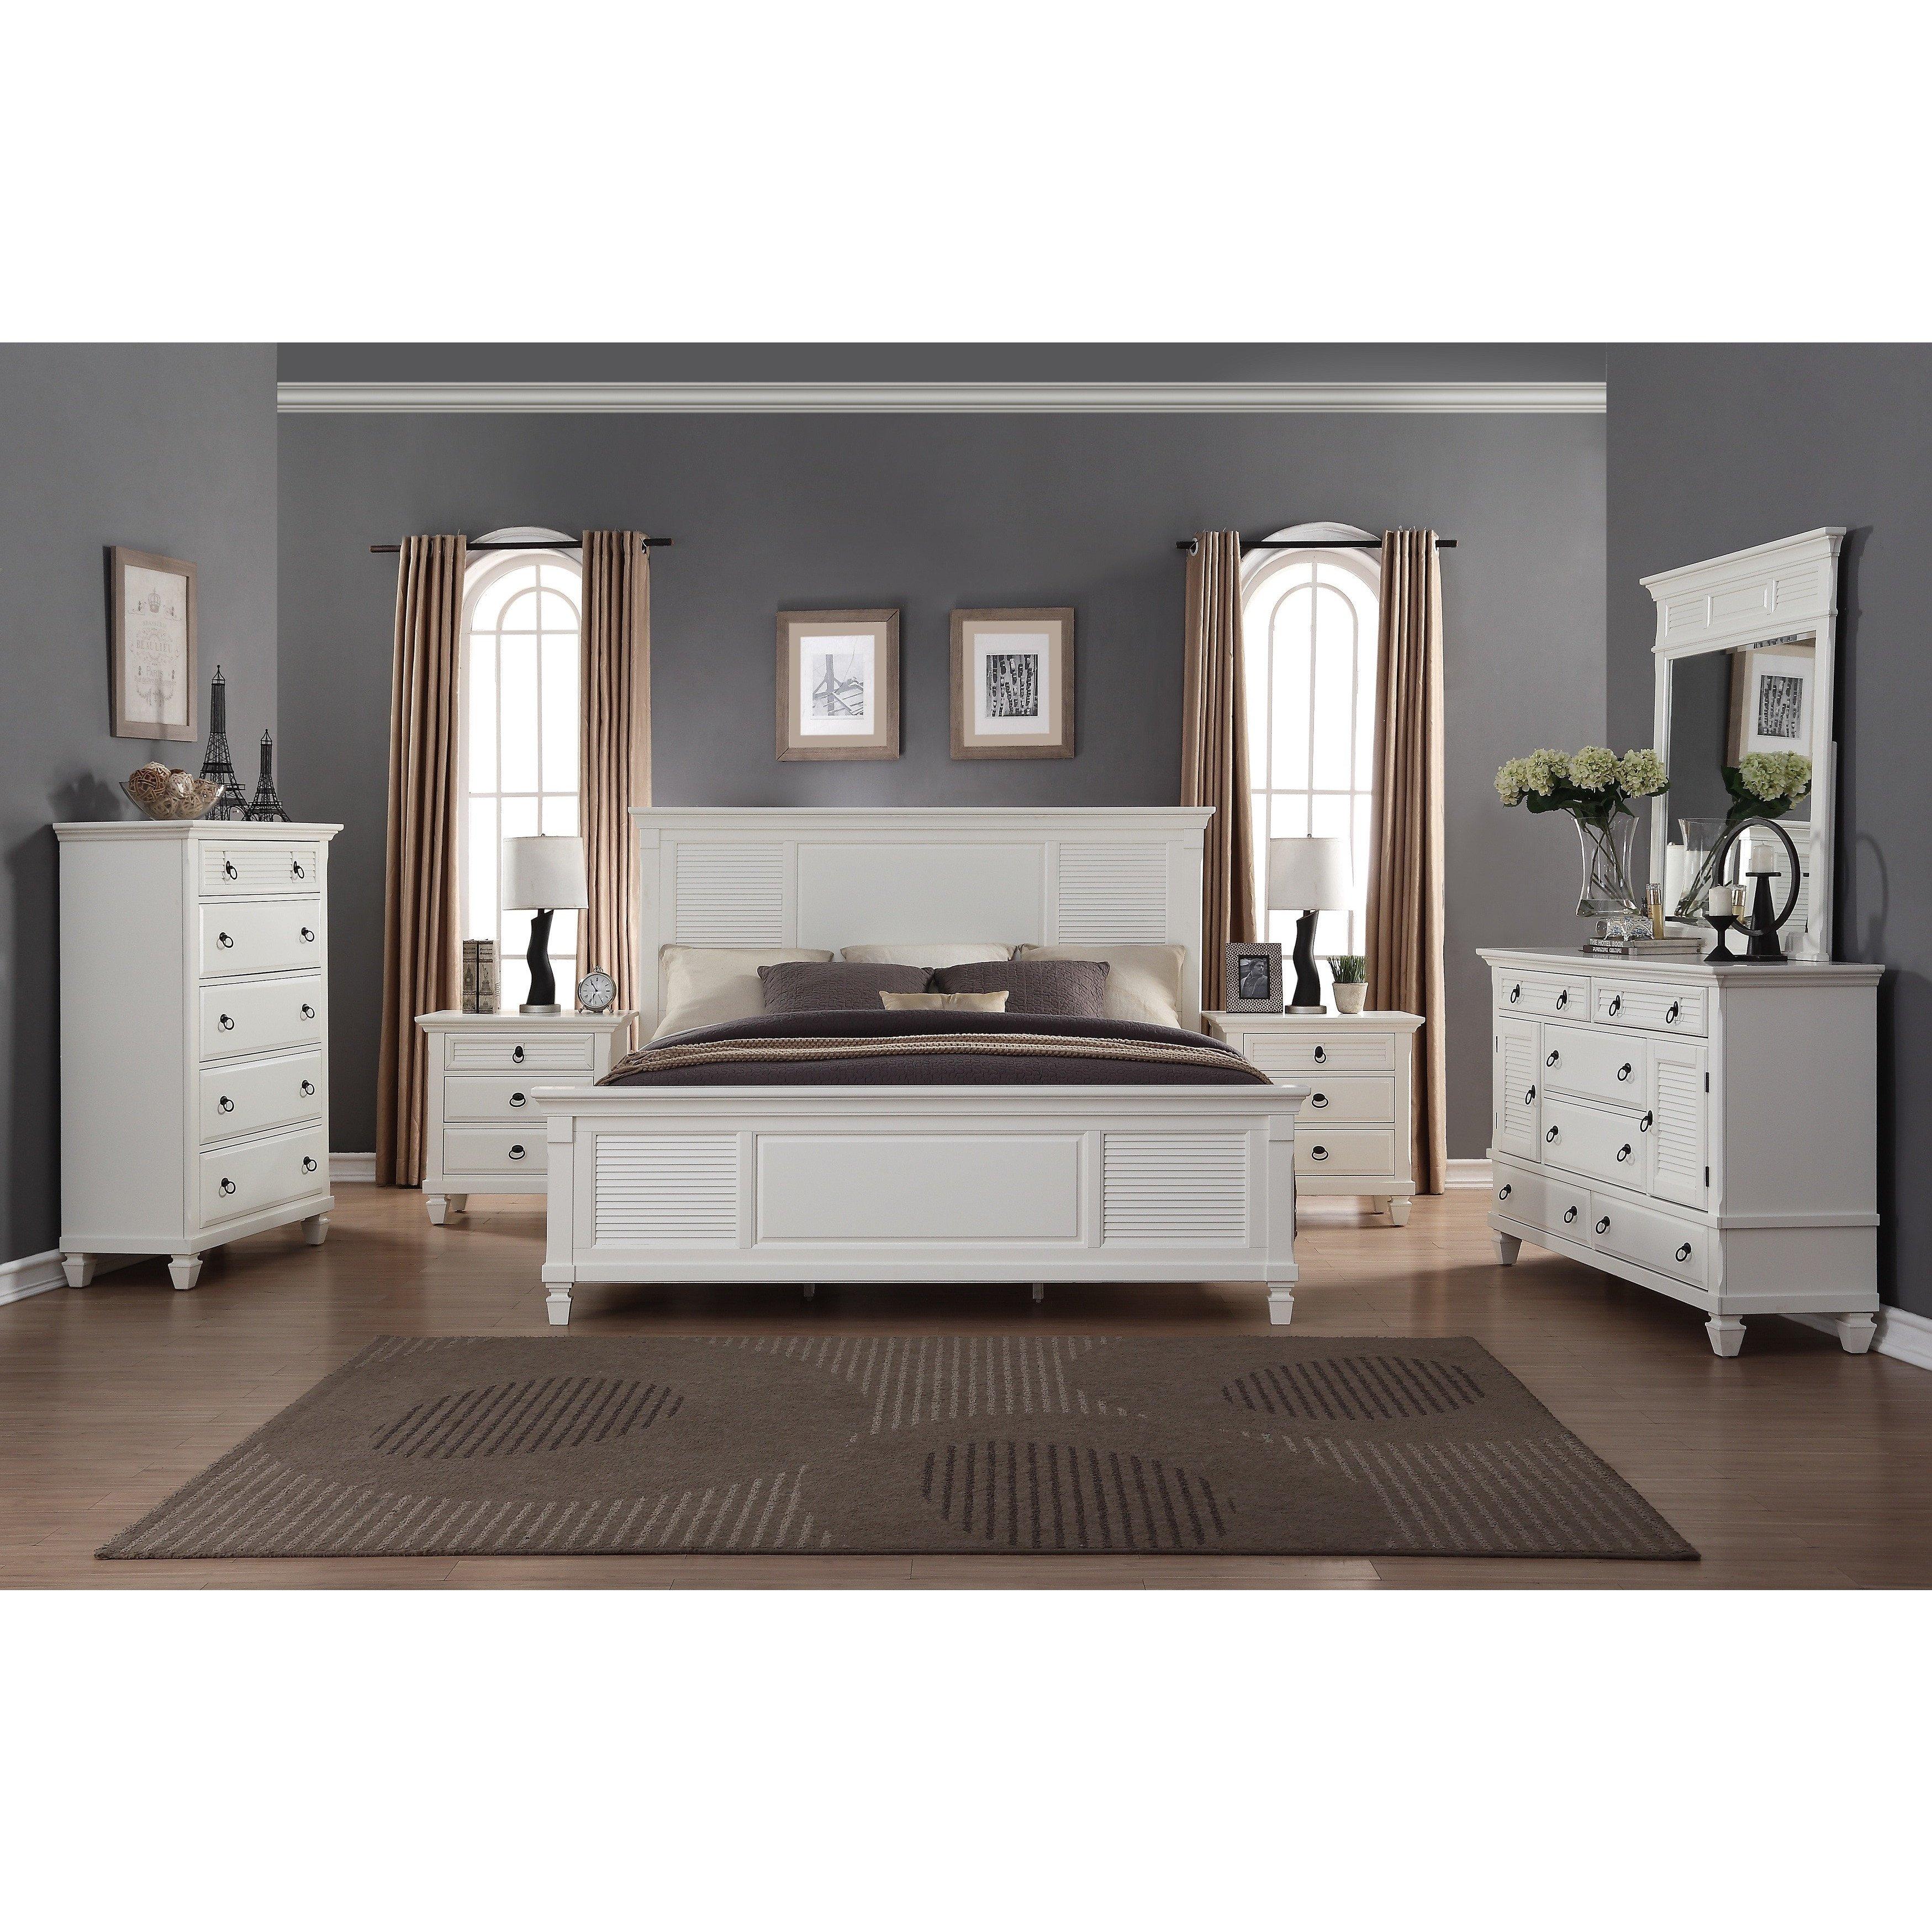 6 Piece Queen Bedroom Set Unique Regitina White 6 Piece Queen Size Bedroom Furniture Set